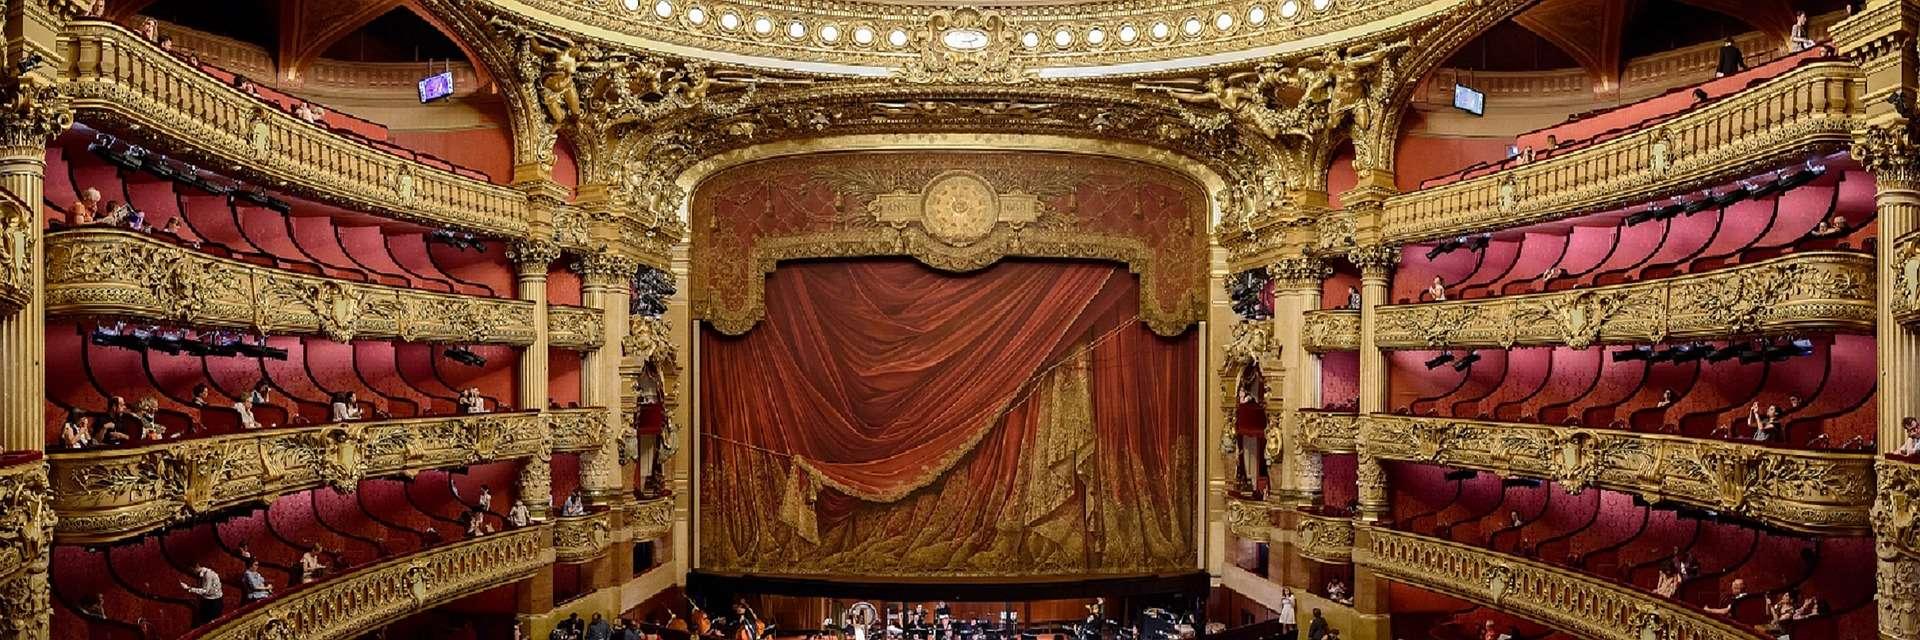 Cuarta pared: nacida en el teatro | Insolente